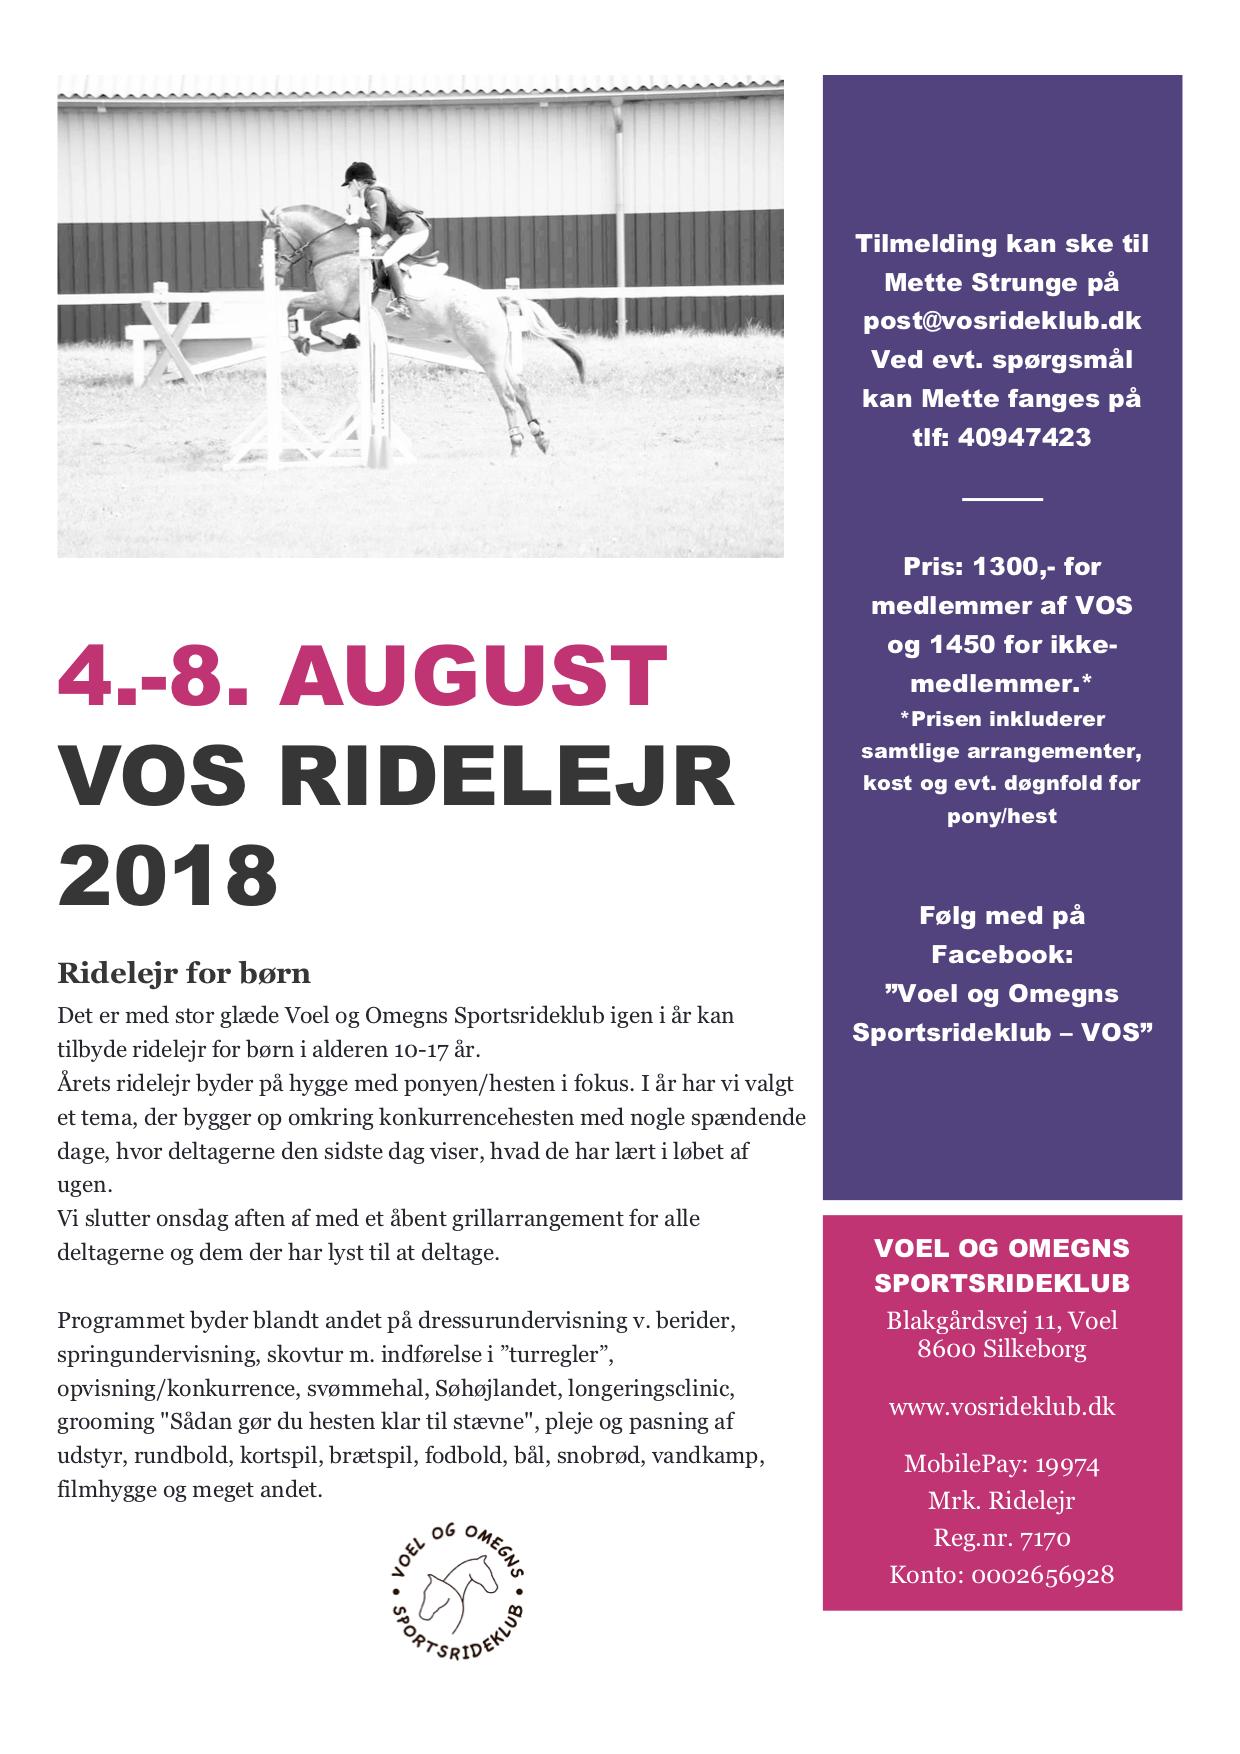 VOS Ridelejr 2018